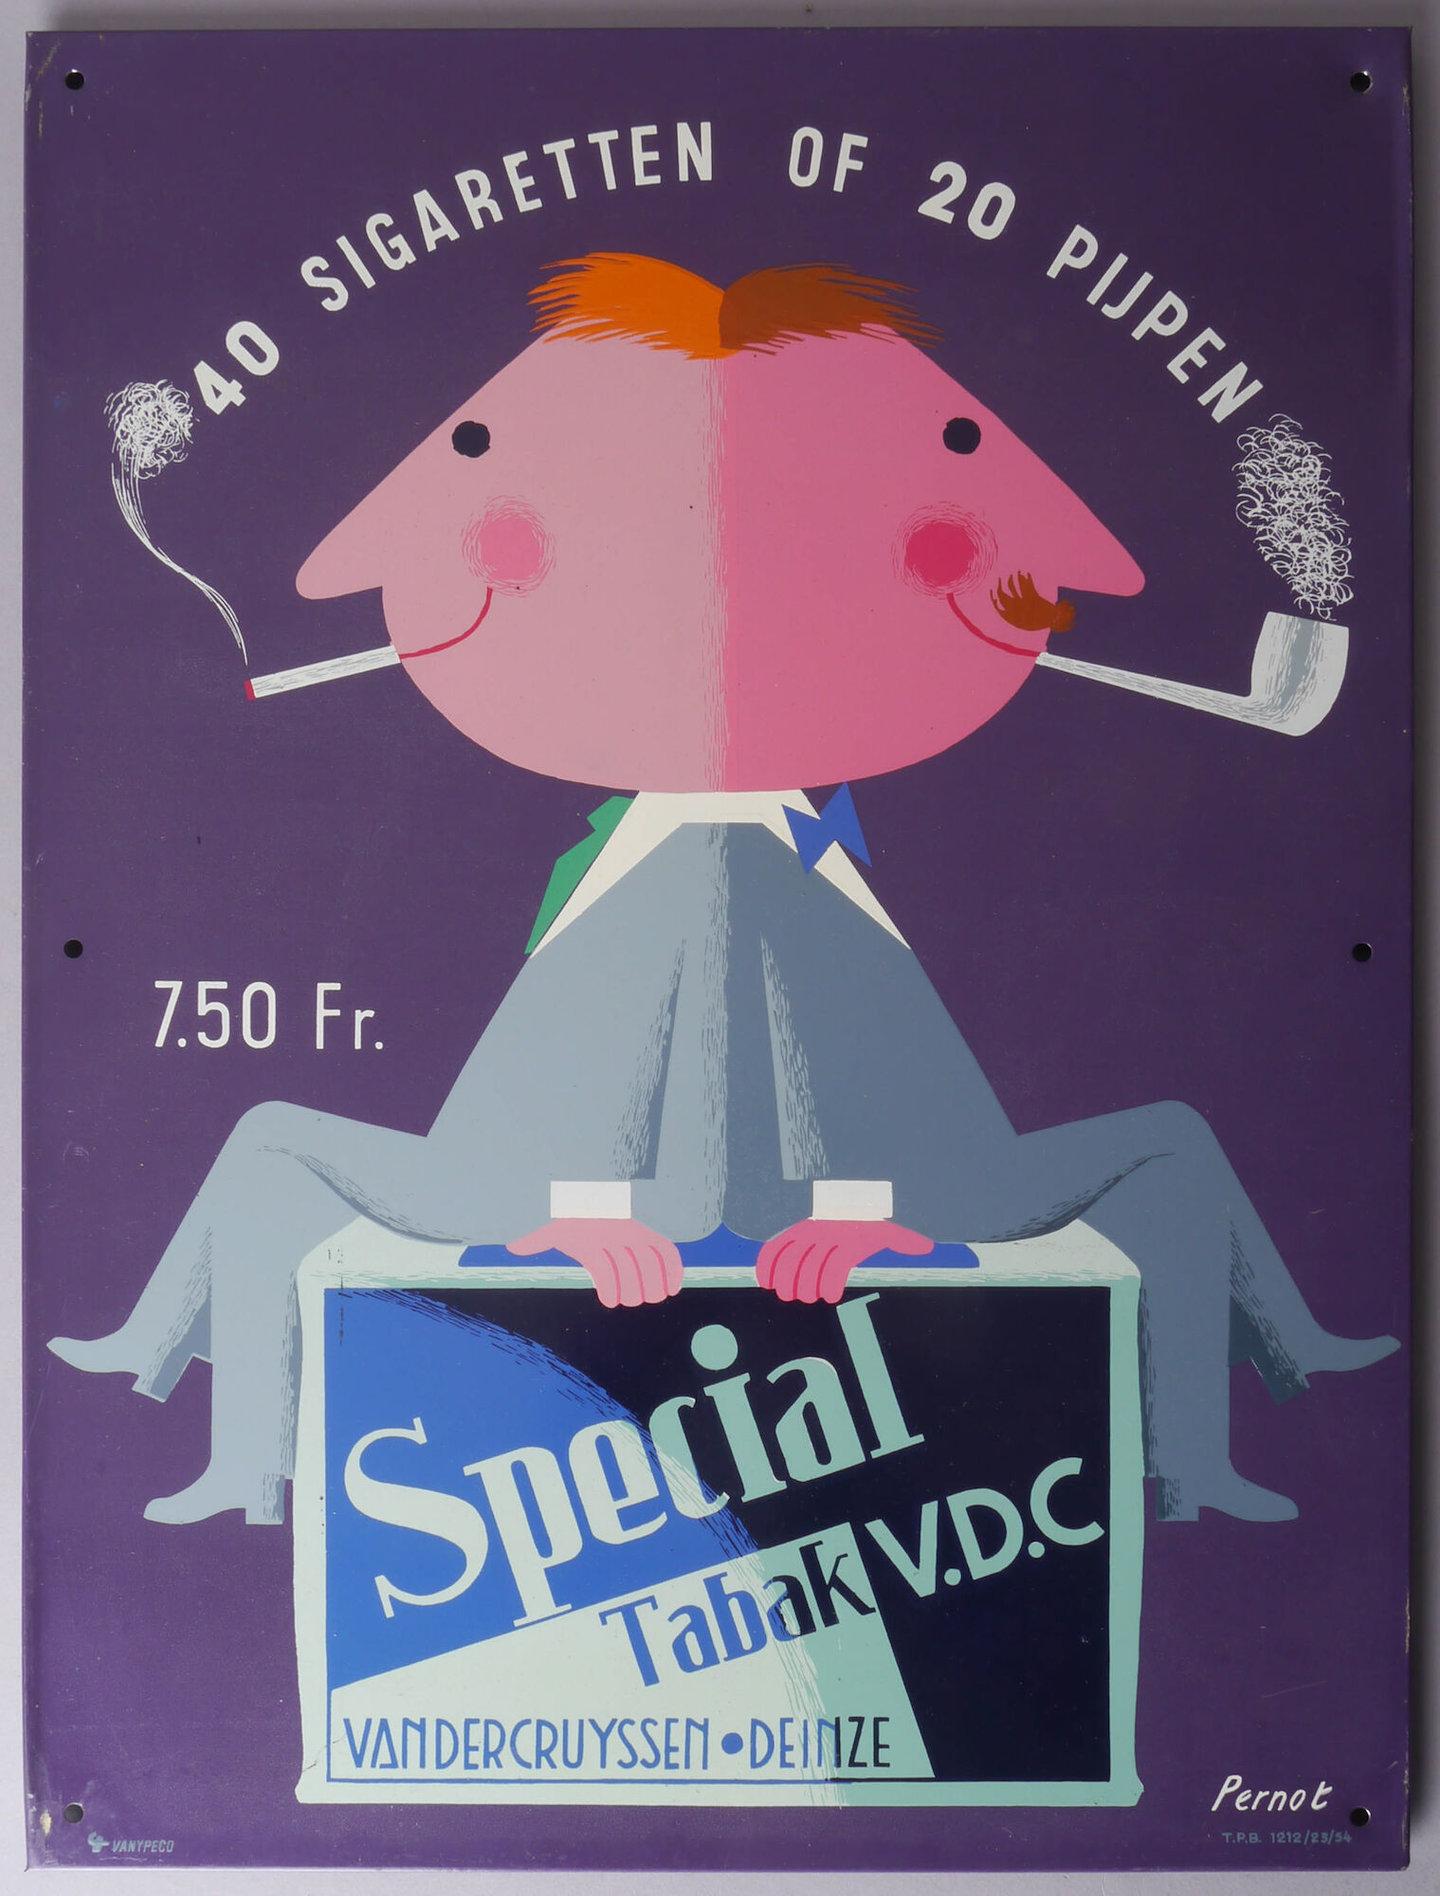 Geëmailleerd reclamebord voor Special Tabak VDC